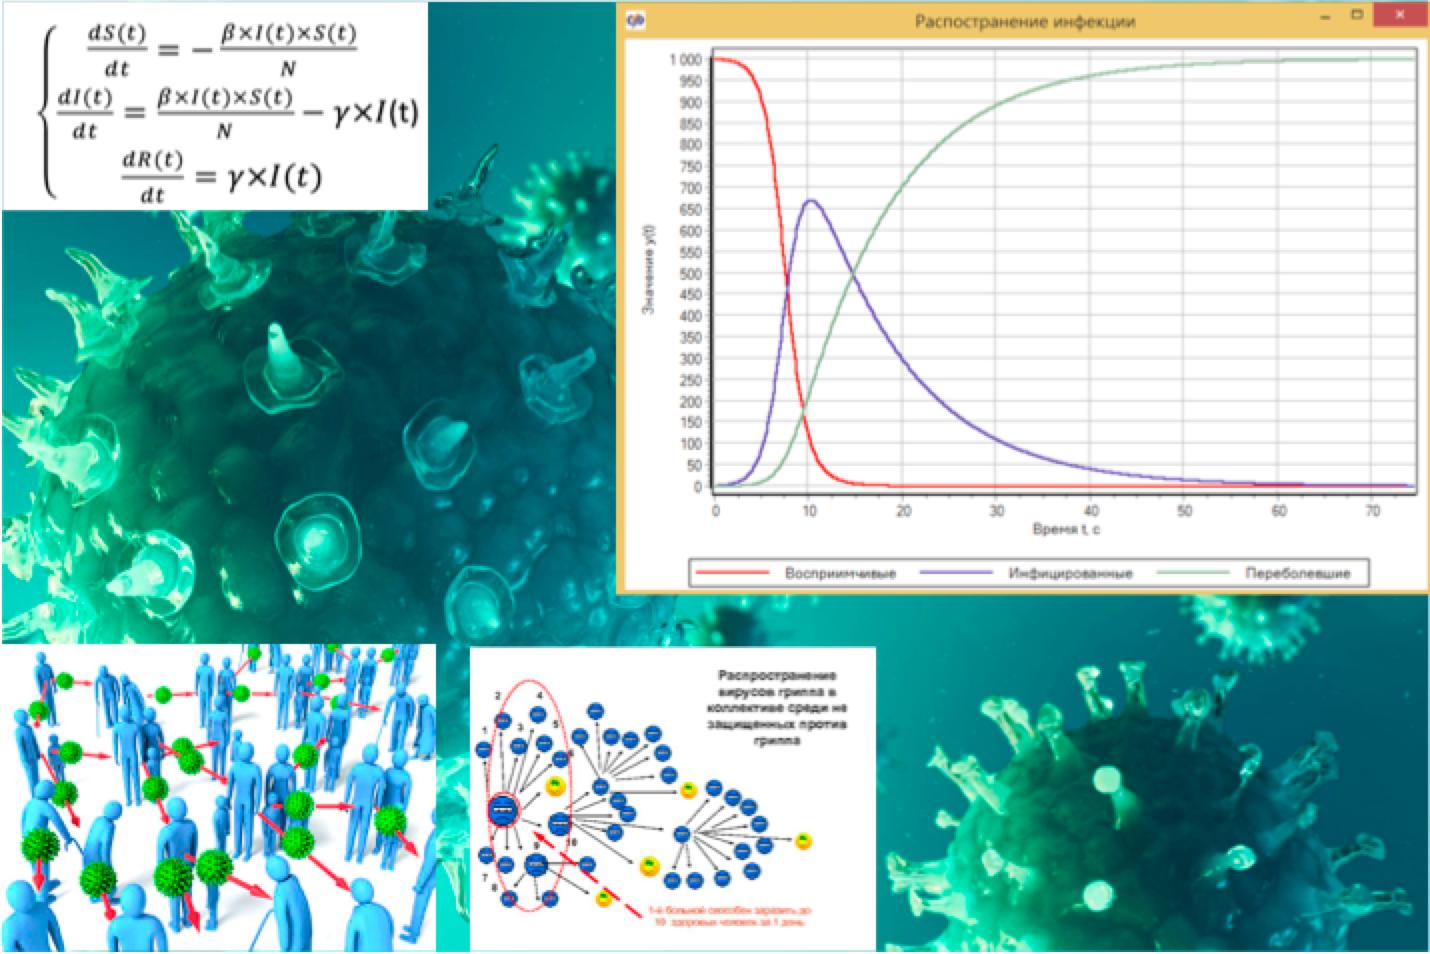 Ударим ТАУ по пандемии COVID-19. Численное моделирования распространения инфекции